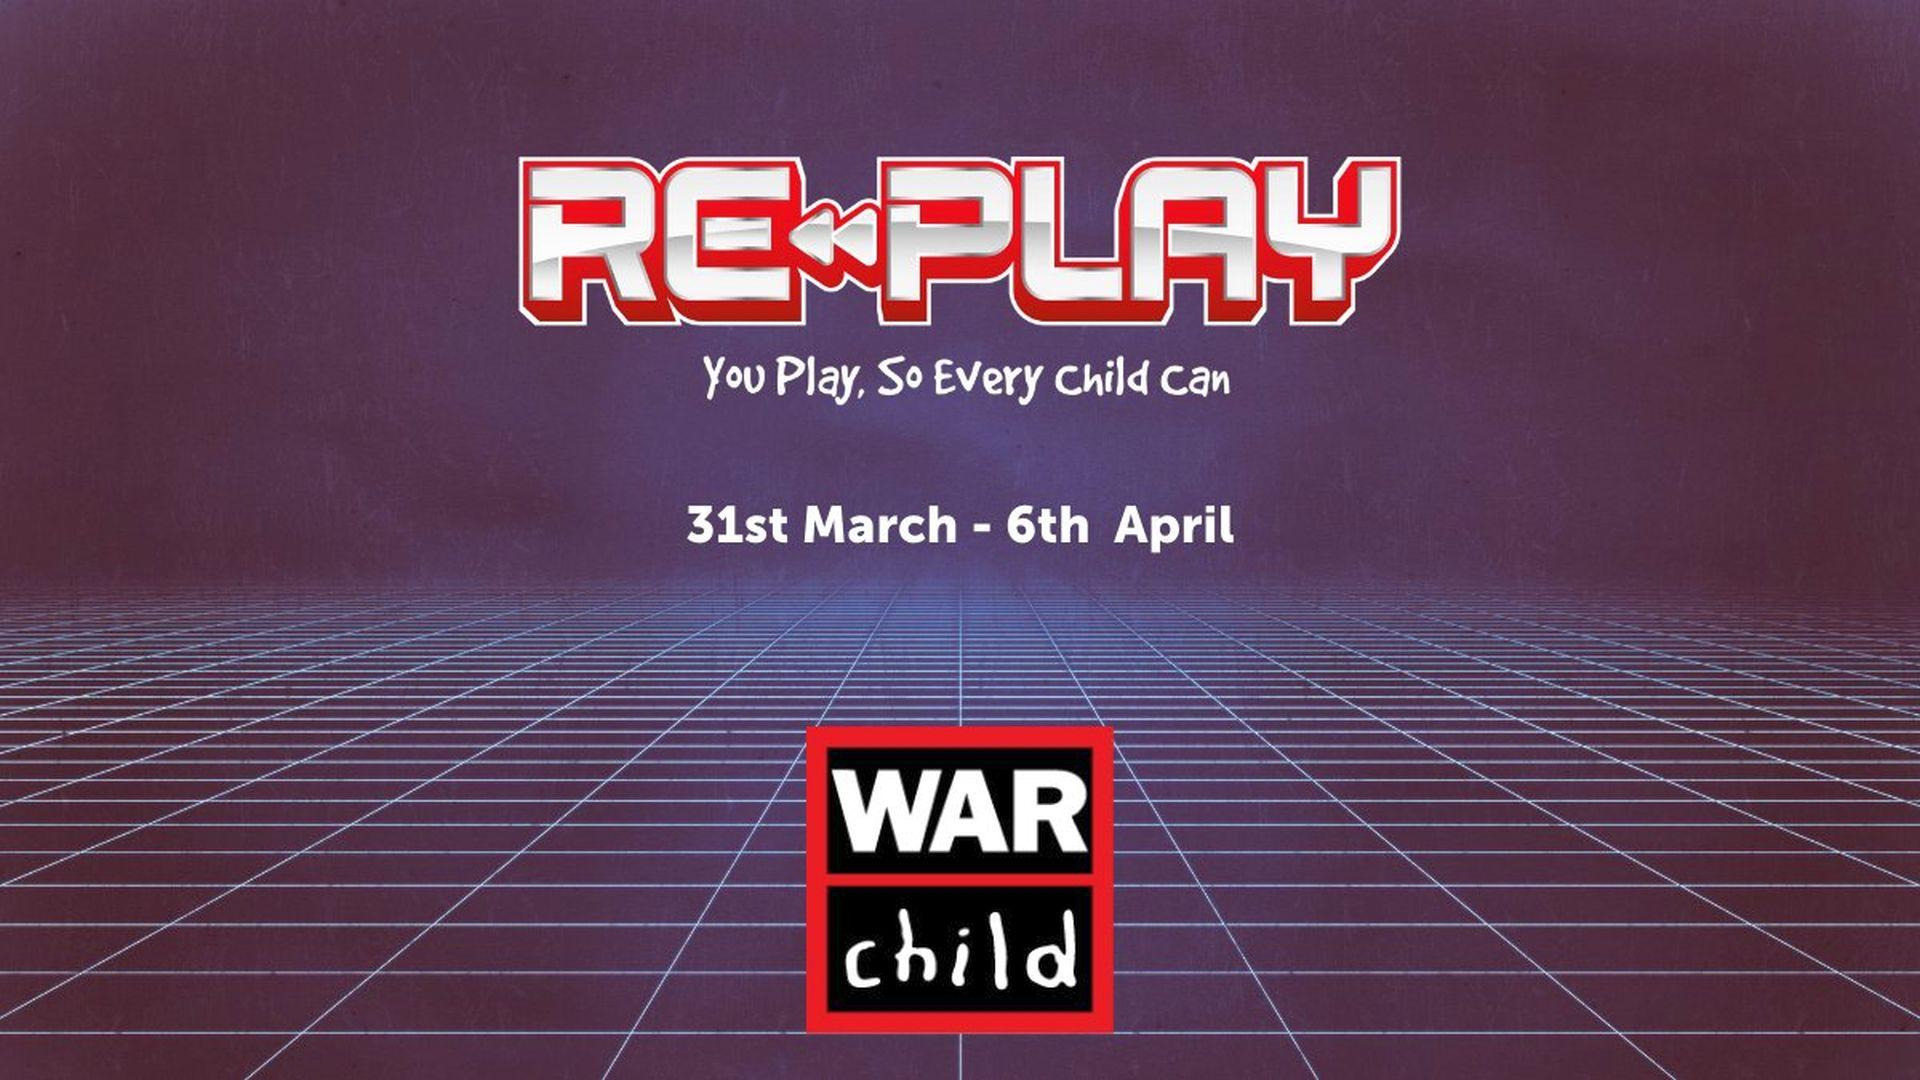 War Child UK launches a Steam sale, retro game tournaments, and speedrunning marathon fundraiser